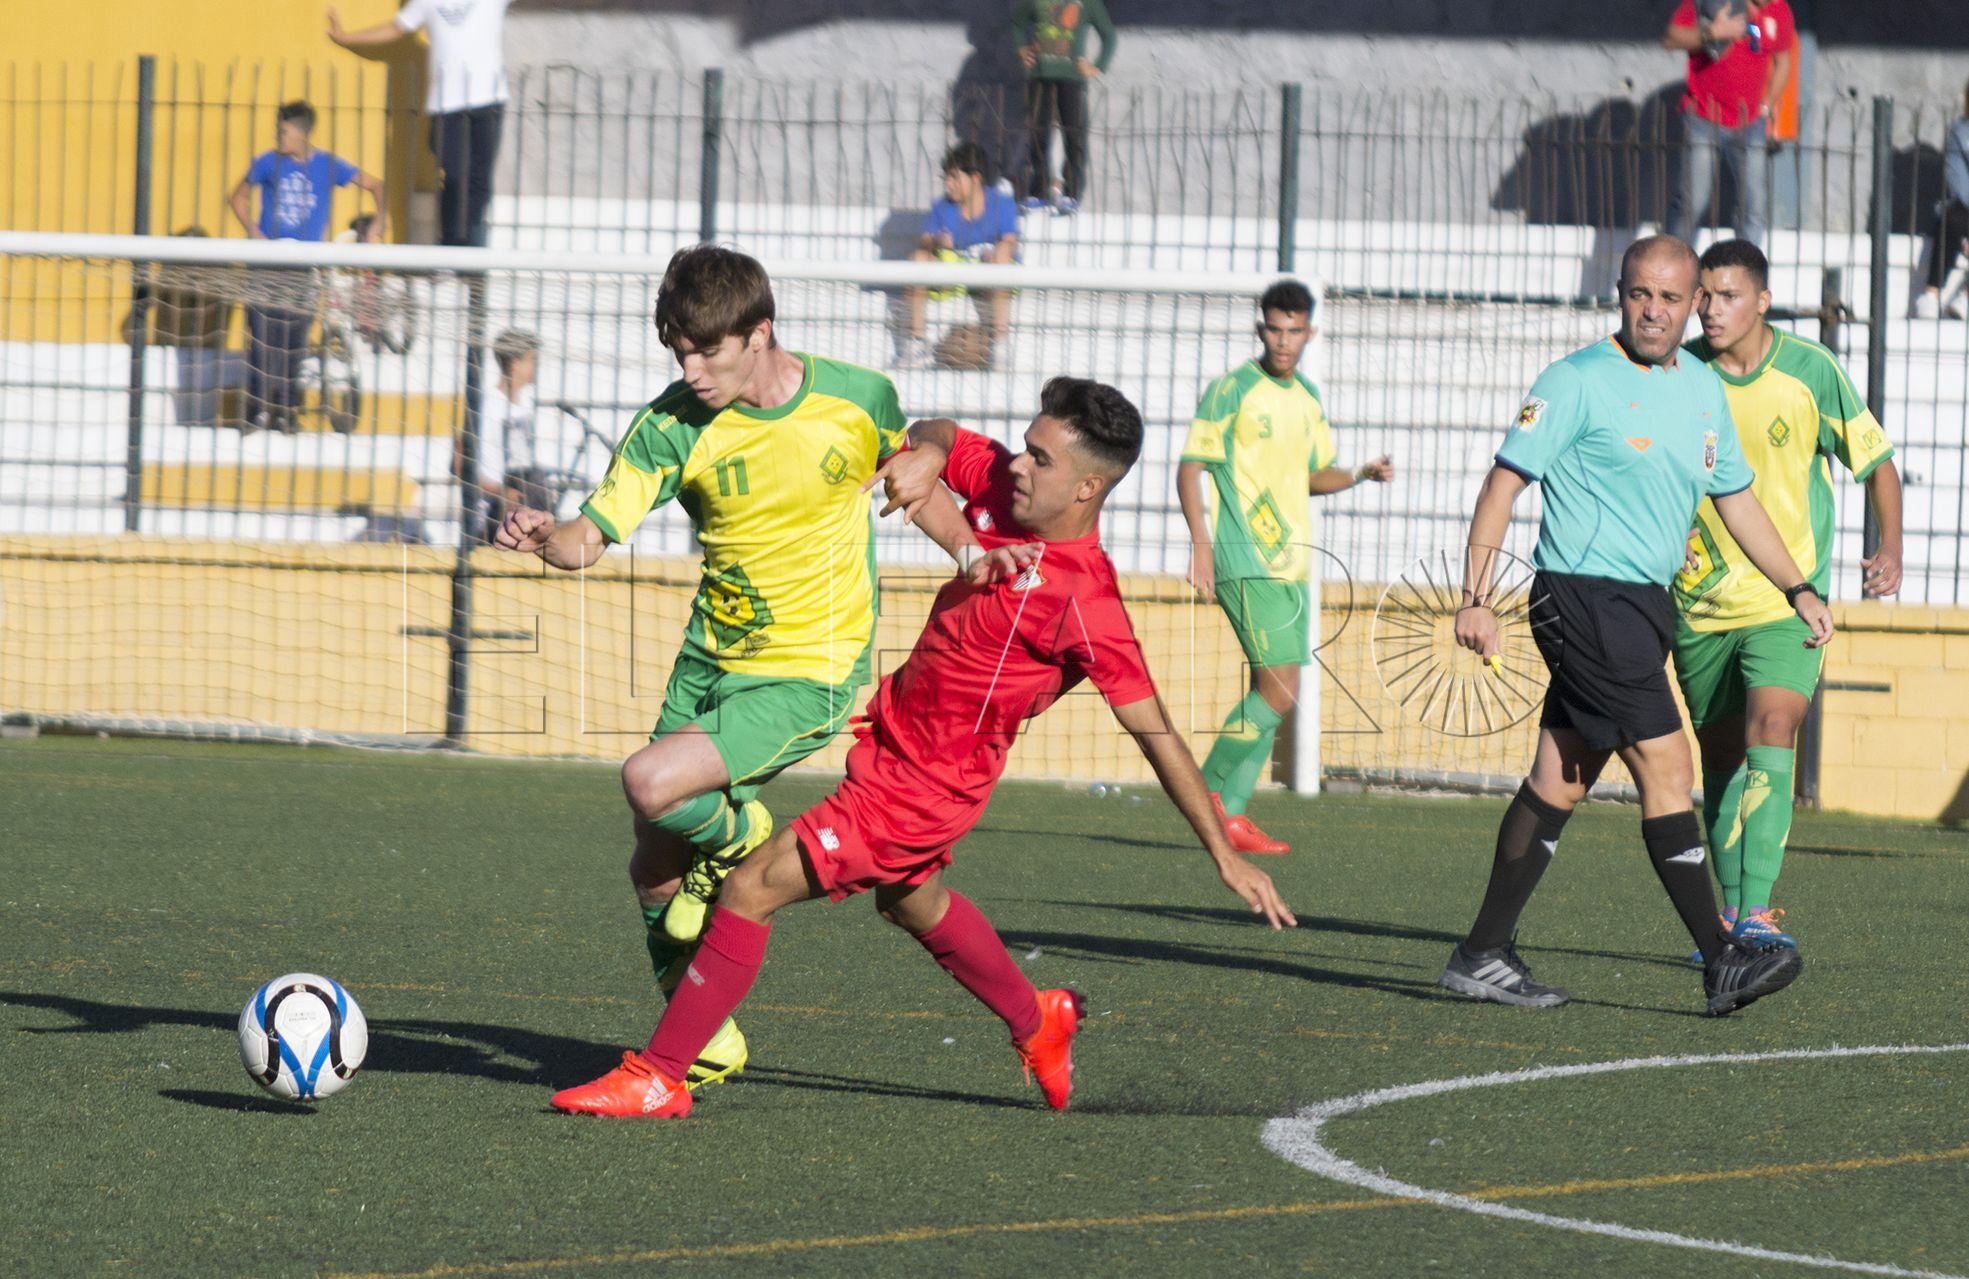 Derrota clara por 3-0 del Goyu Ryu B en el campo del Séneca CF